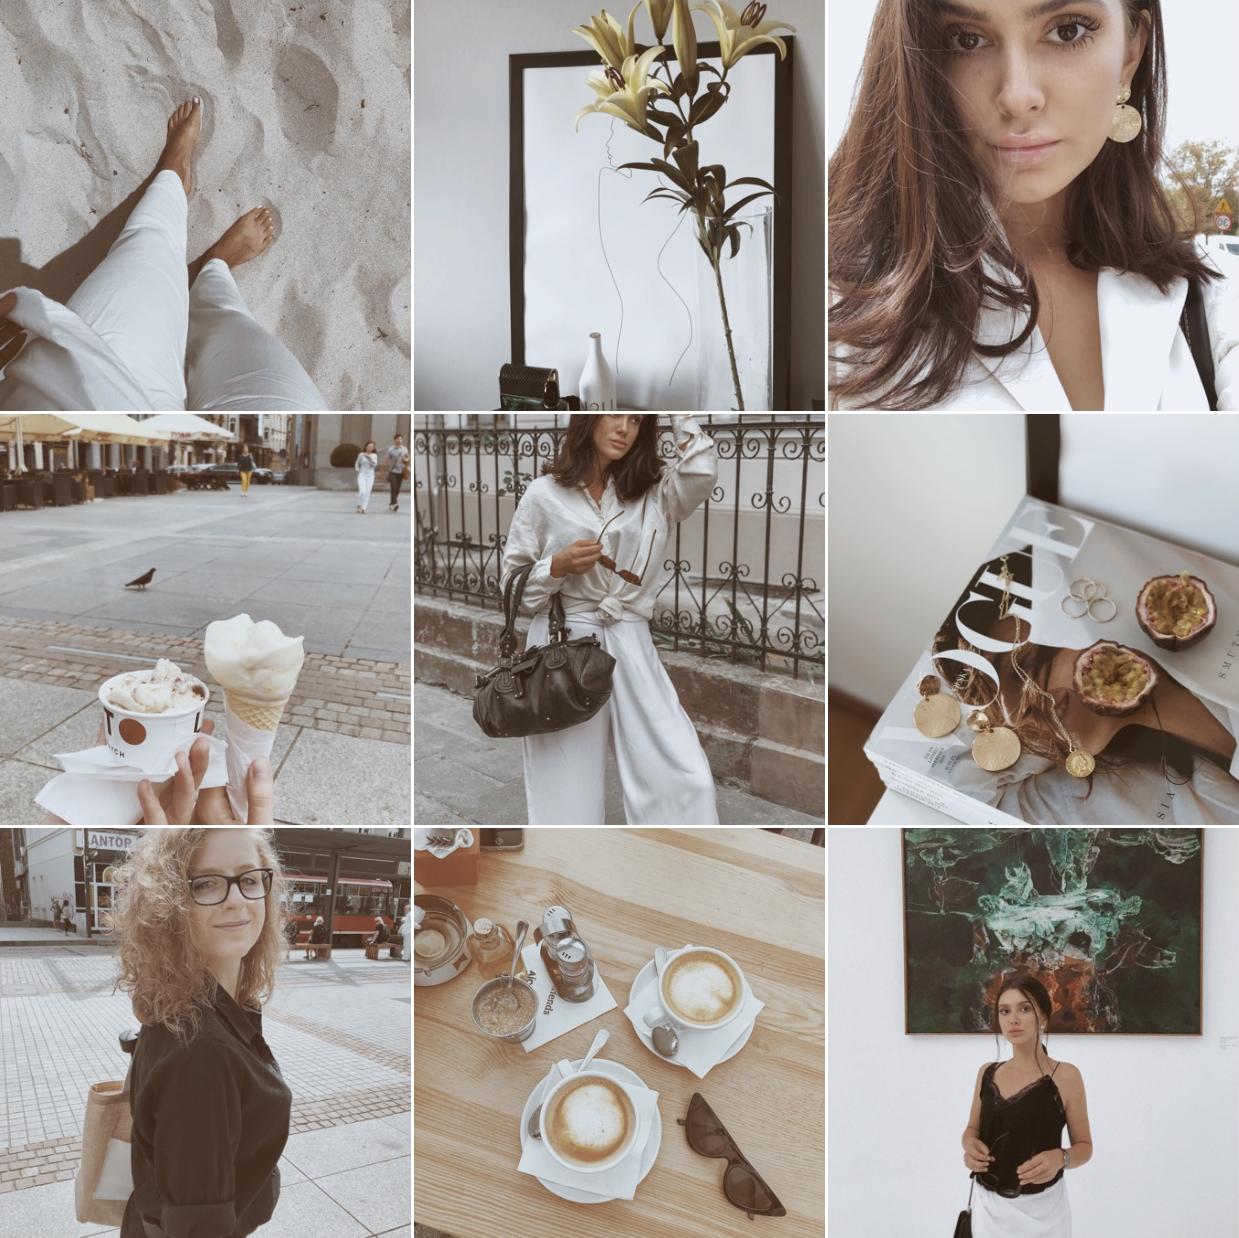 filtry do zdjęć, filtry kolorystyczne, instagram, ładny instagram, jak obrabiać zdjęcia